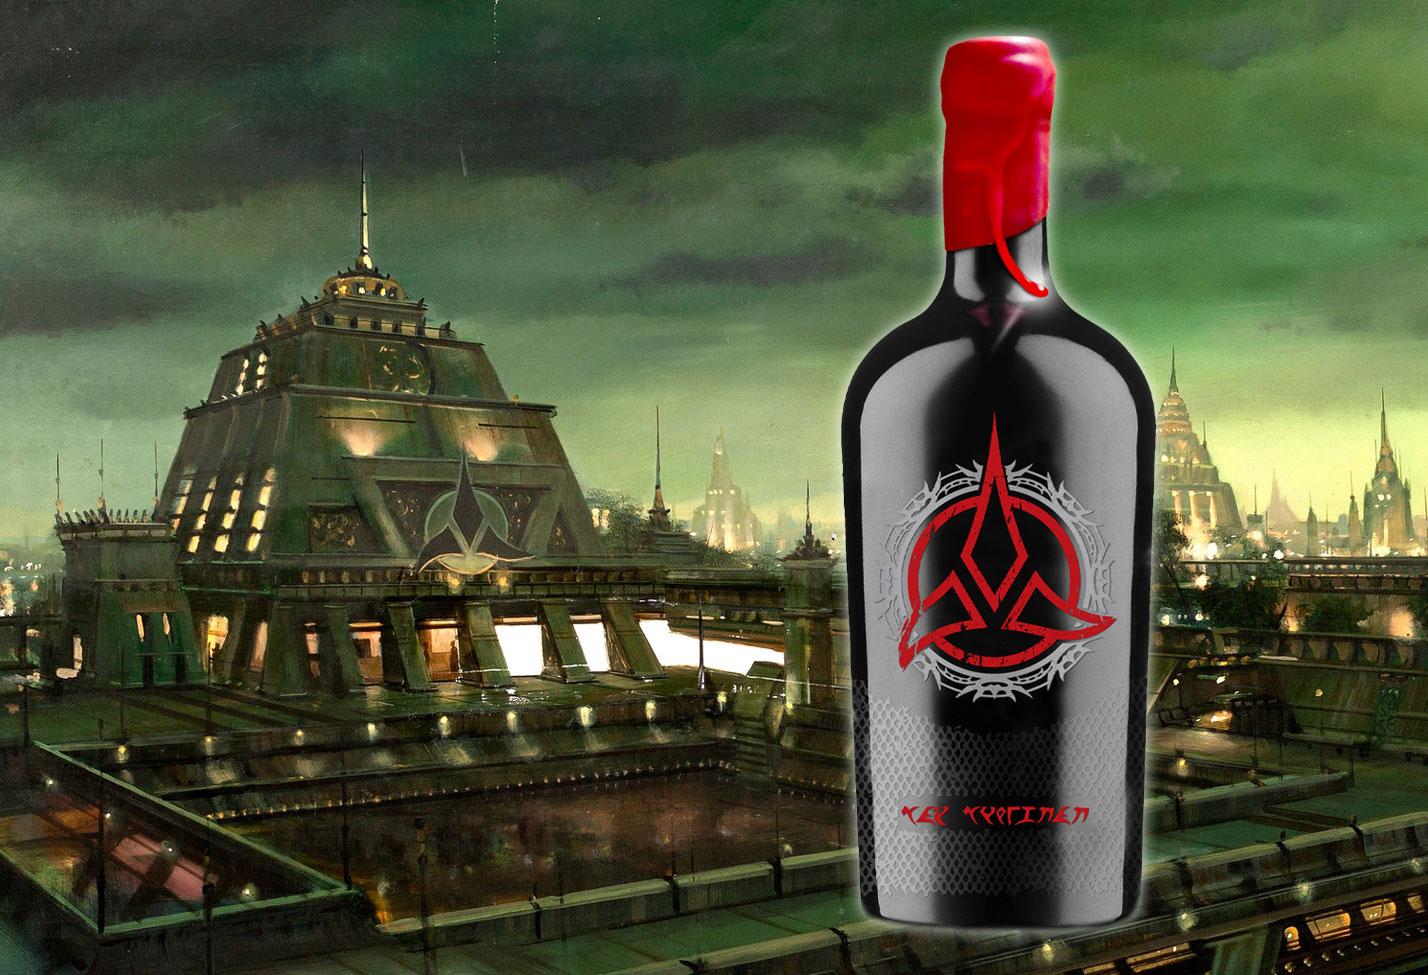 Star Trek Wines Returns With Klingon Bloodwine In 2020 Trekcore Com